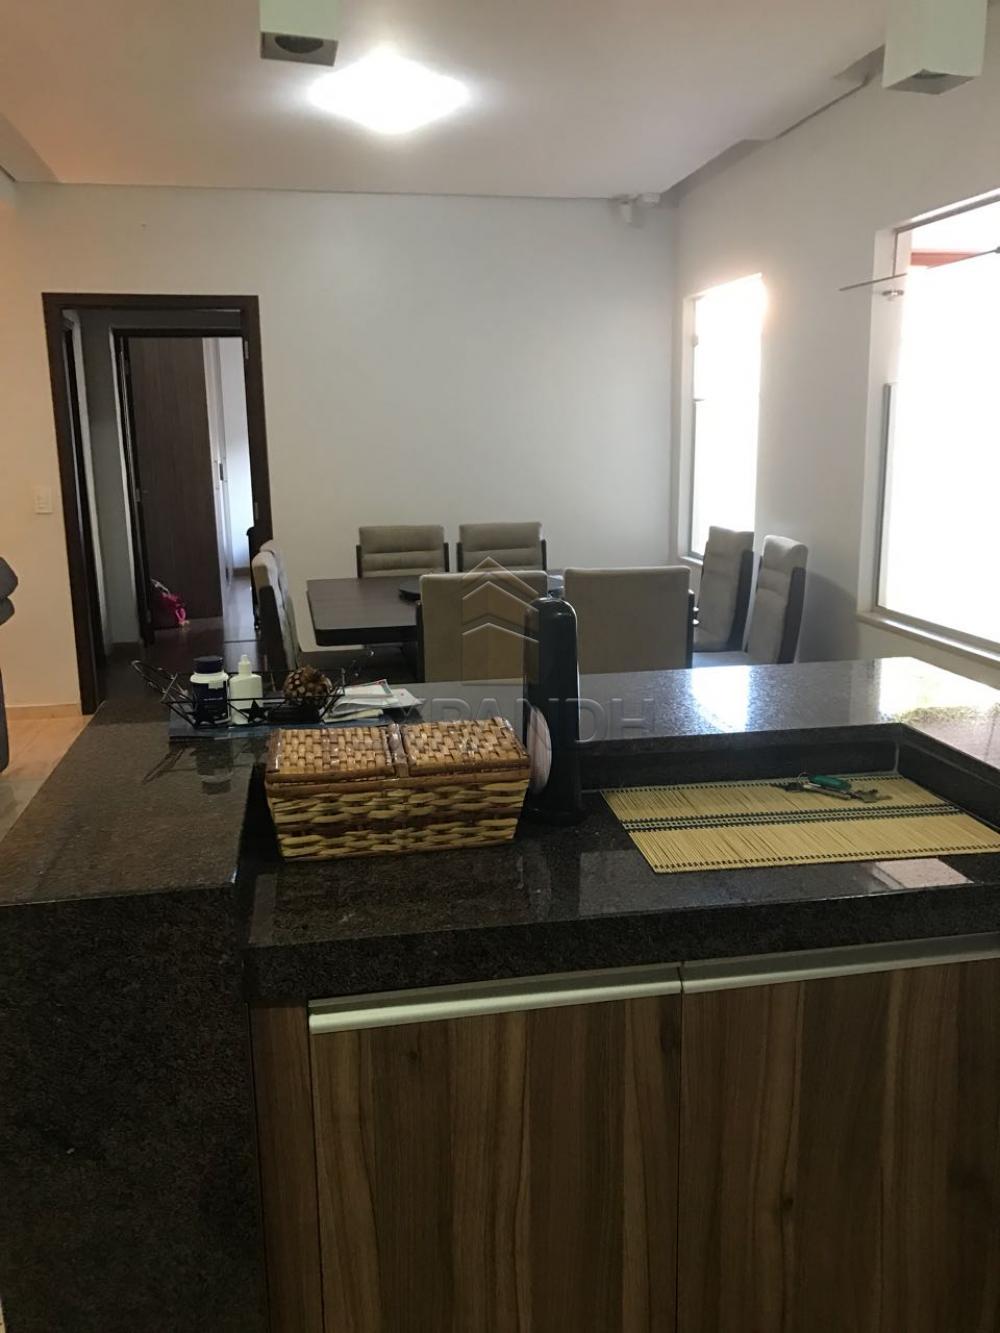 Comprar Casas / Padrão em Sertãozinho R$ 390.000,00 - Foto 7